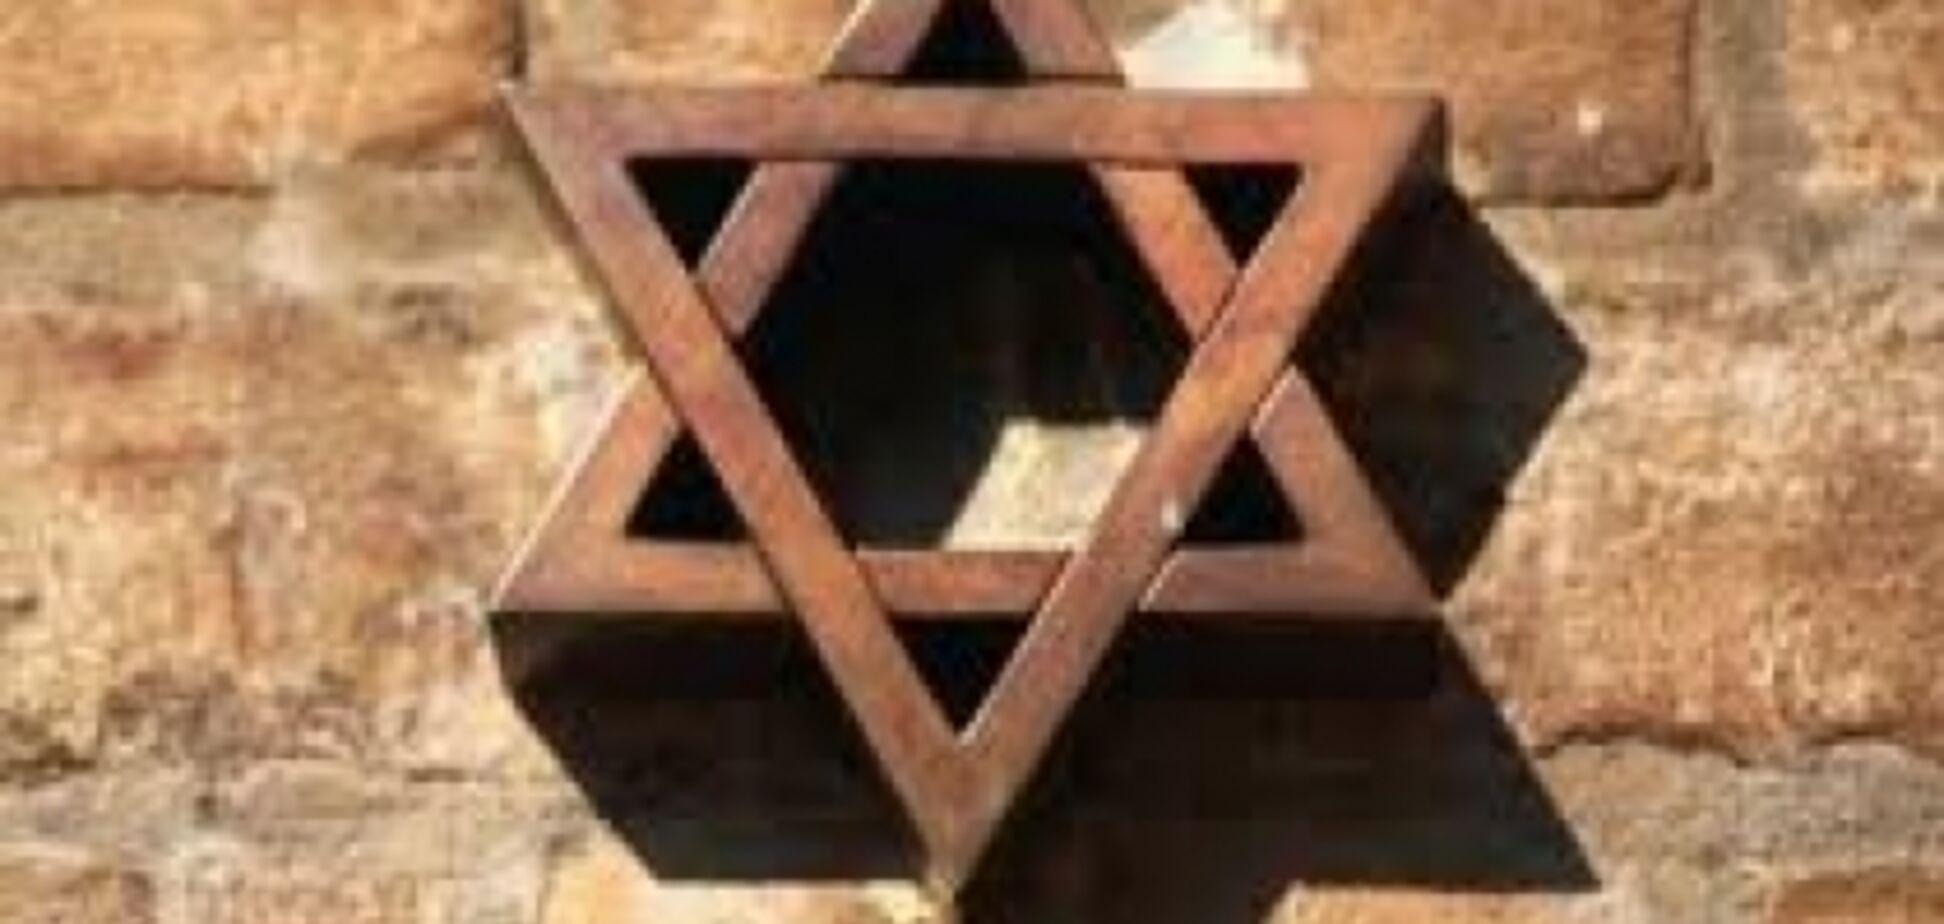 Лідер євреїів в Україні висунув серйозні звинувачення конгресменам США